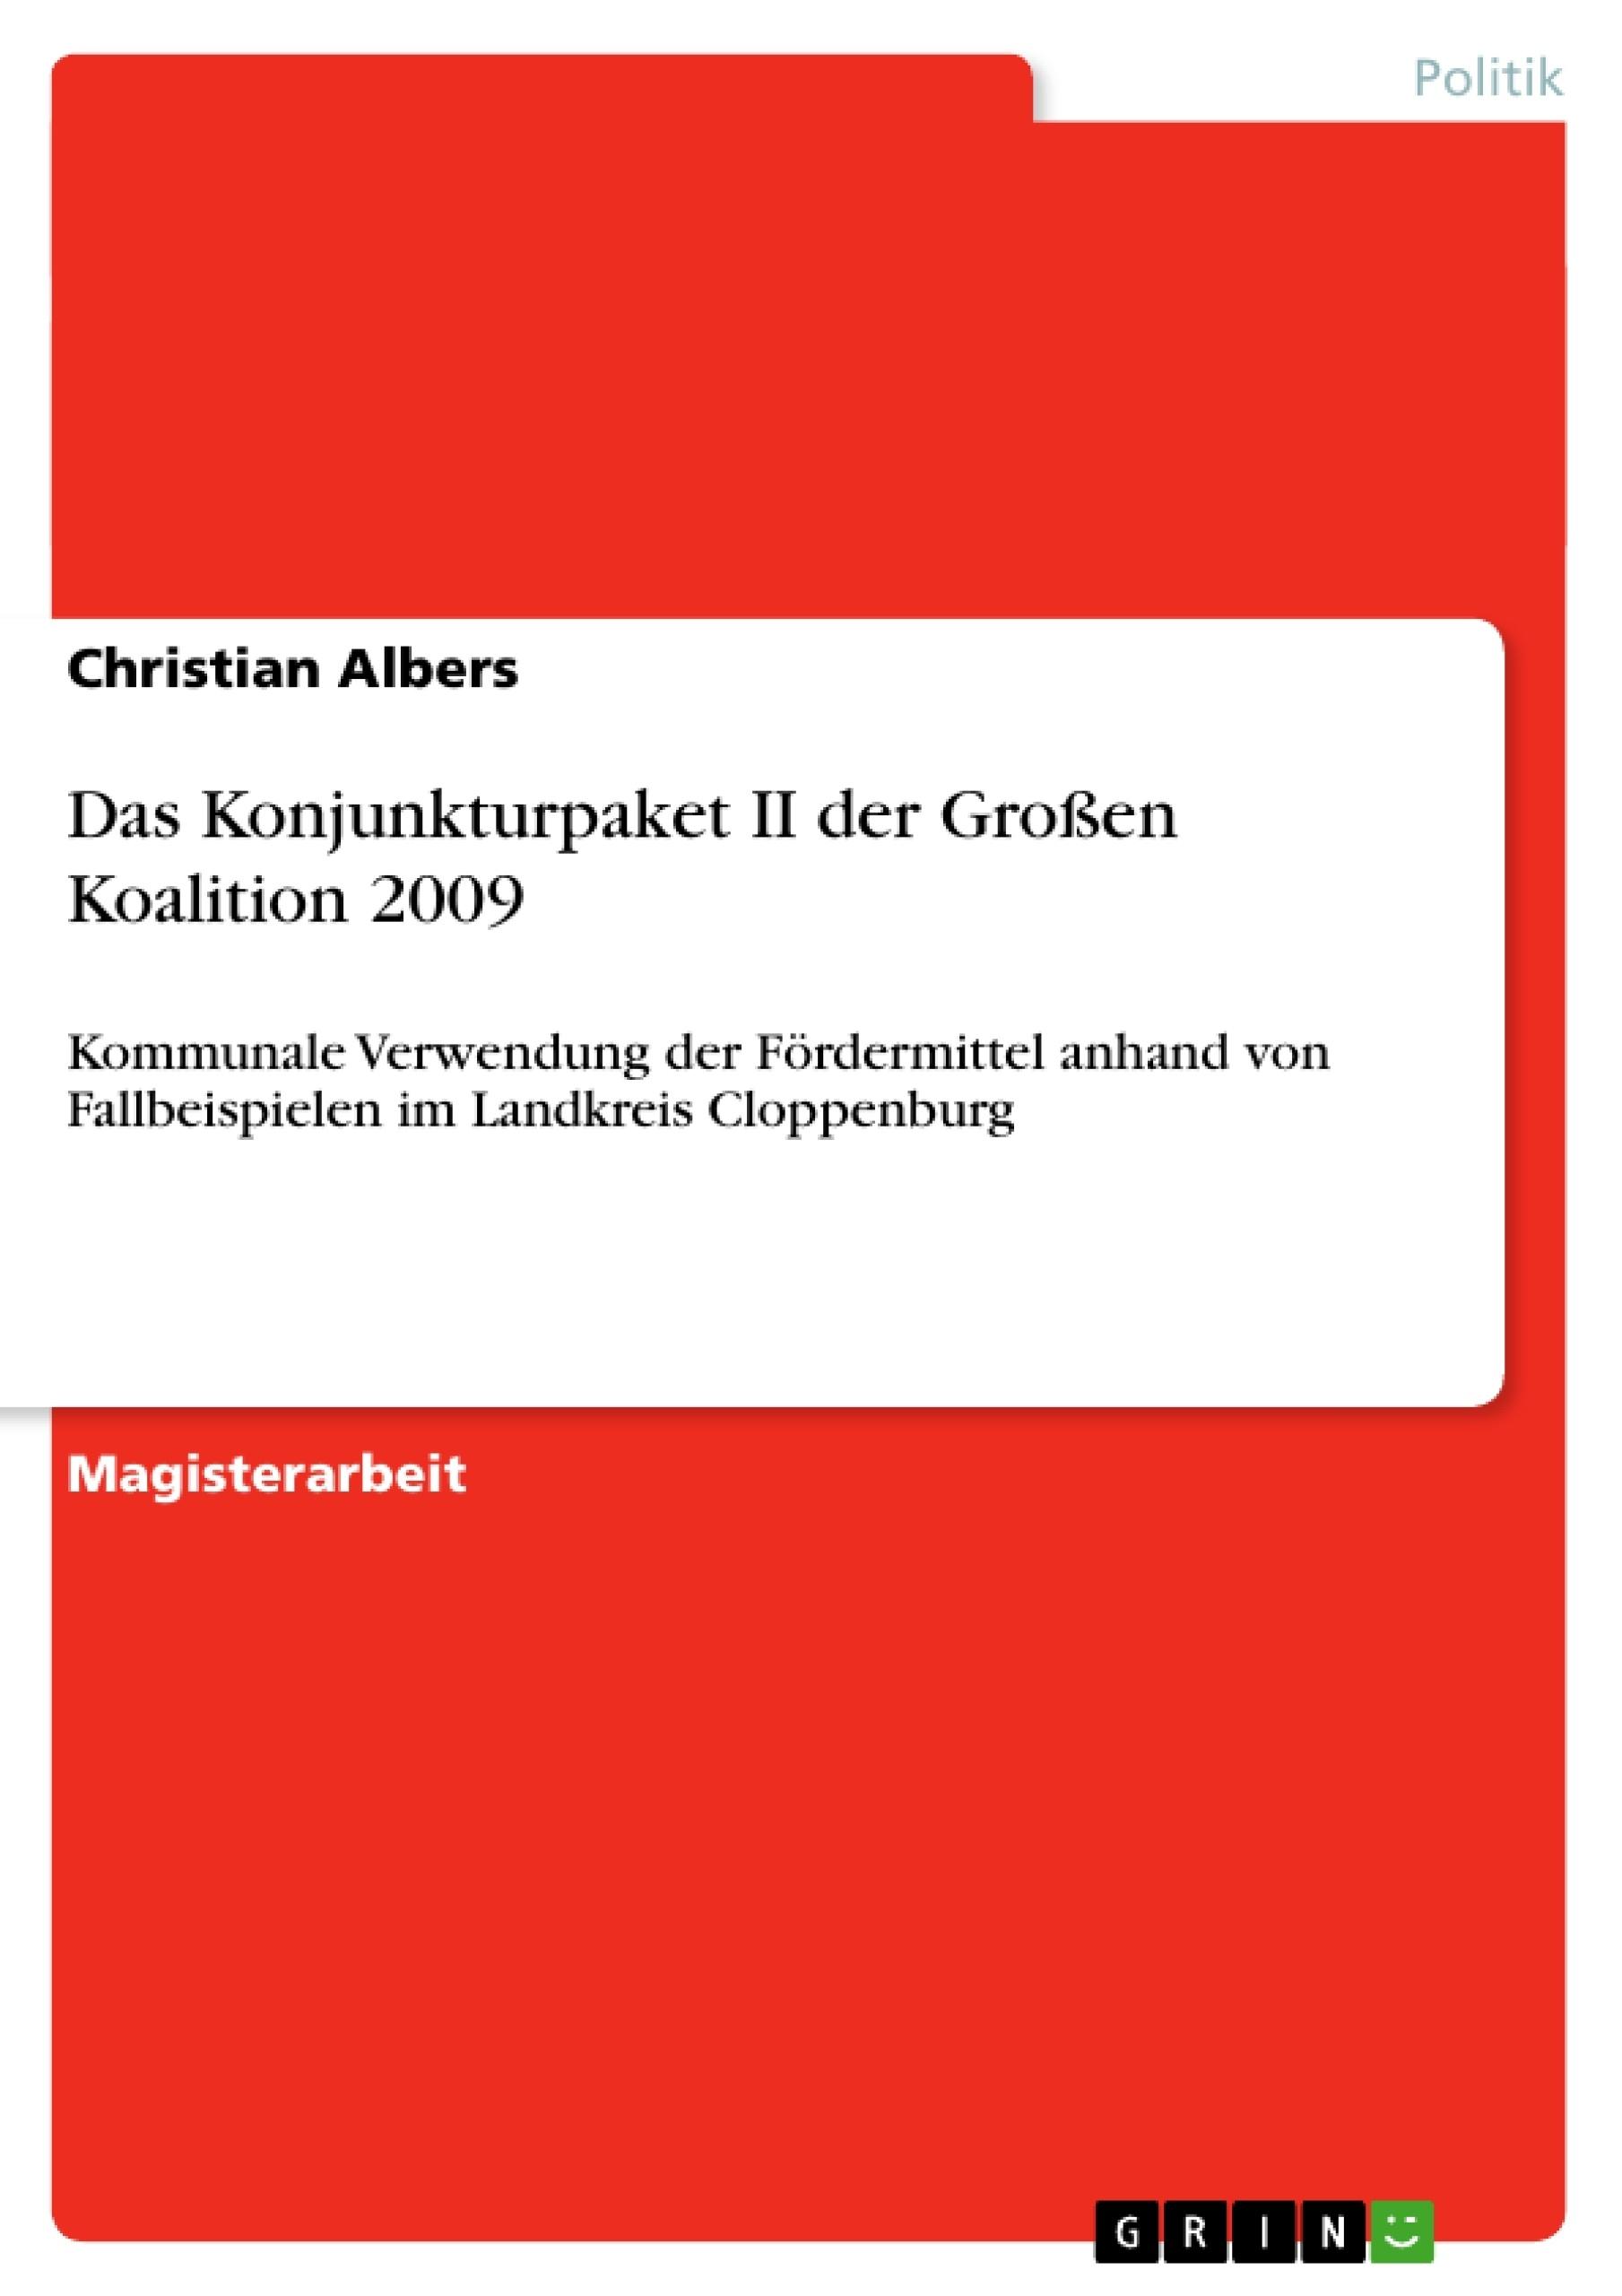 Titel: Das Konjunkturpaket II der Großen Koalition 2009